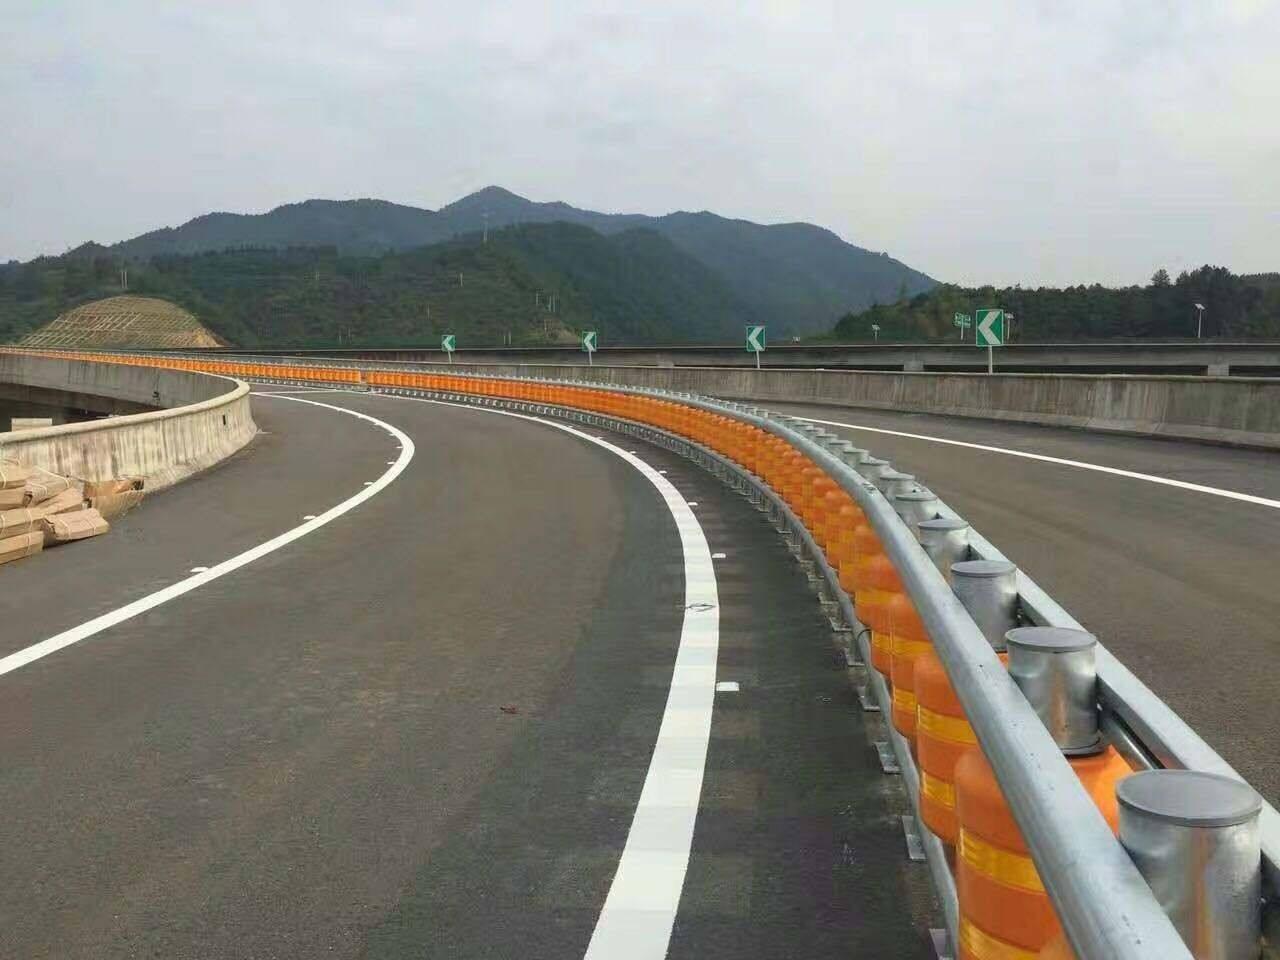 贵州大山交通设施制造有限公司